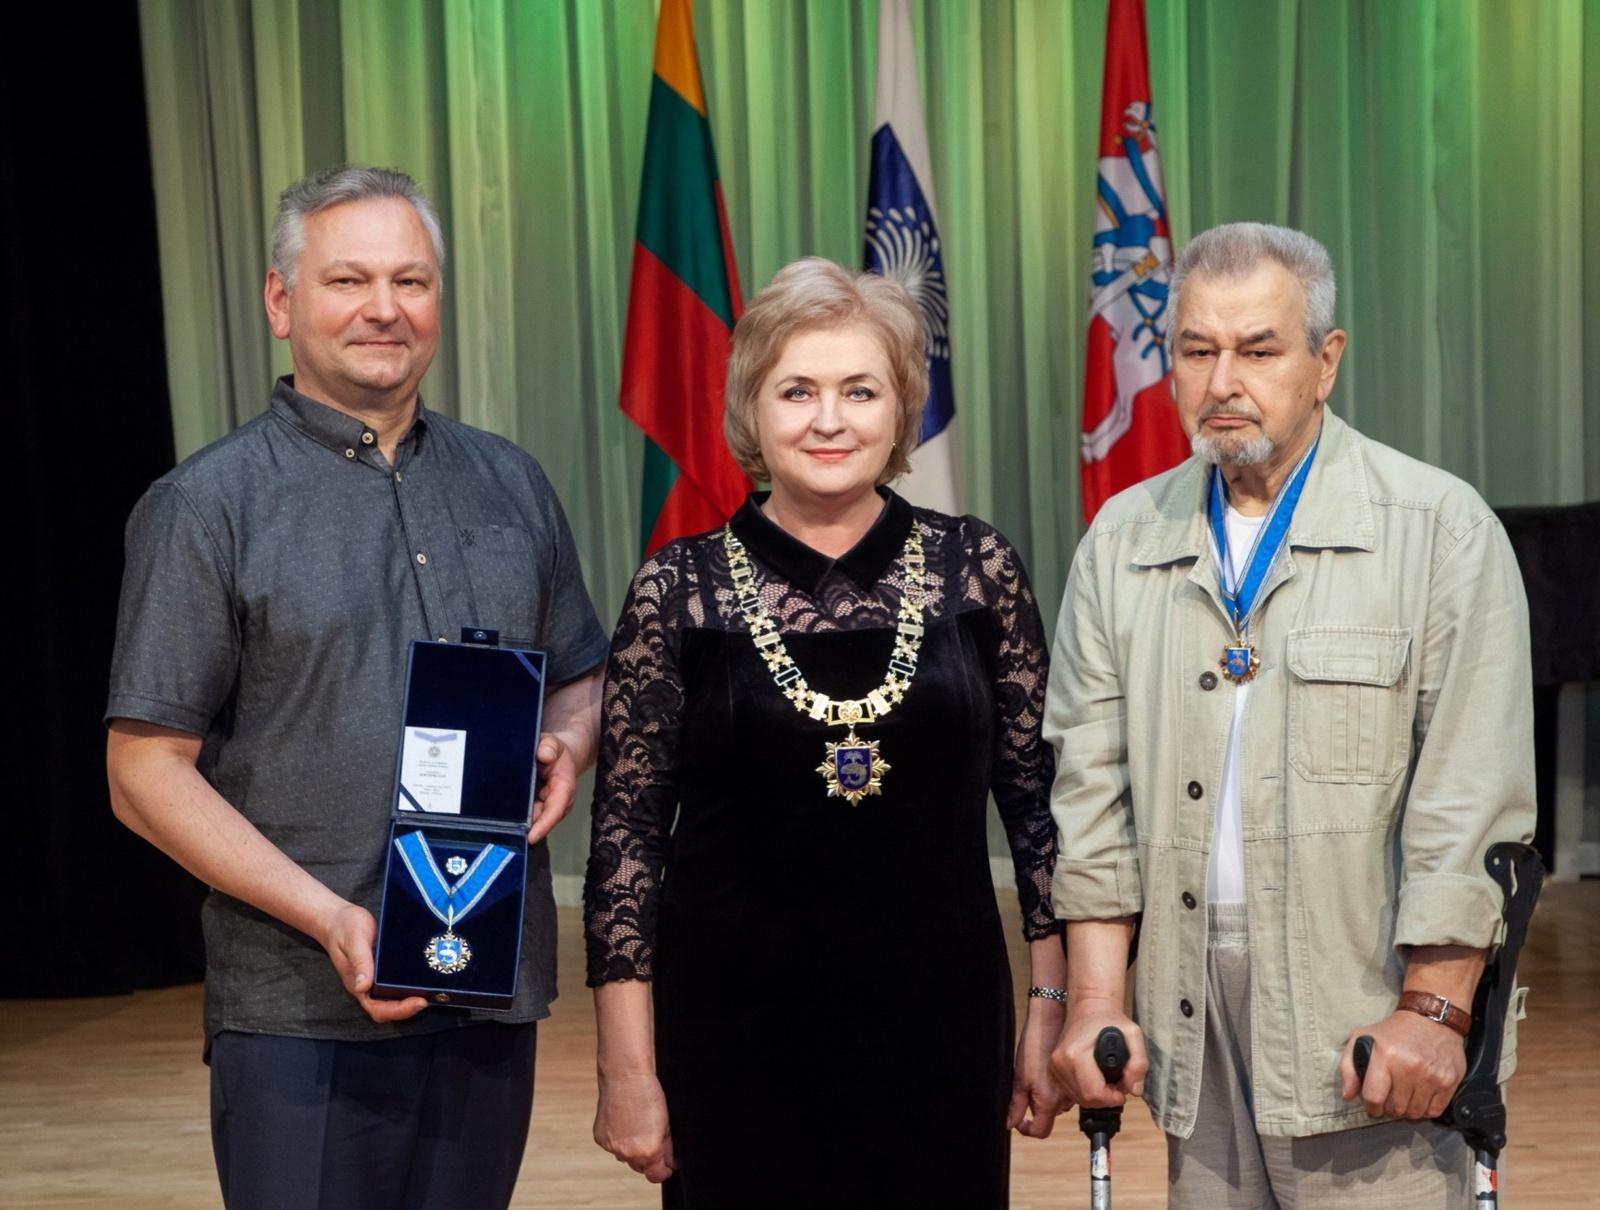 Iškilminga Birštono garbės piliečio vardo suteikimo ceremonija: gretas papildė du išskirtiniai, Birštono kraštui nusipelnę, žmonės